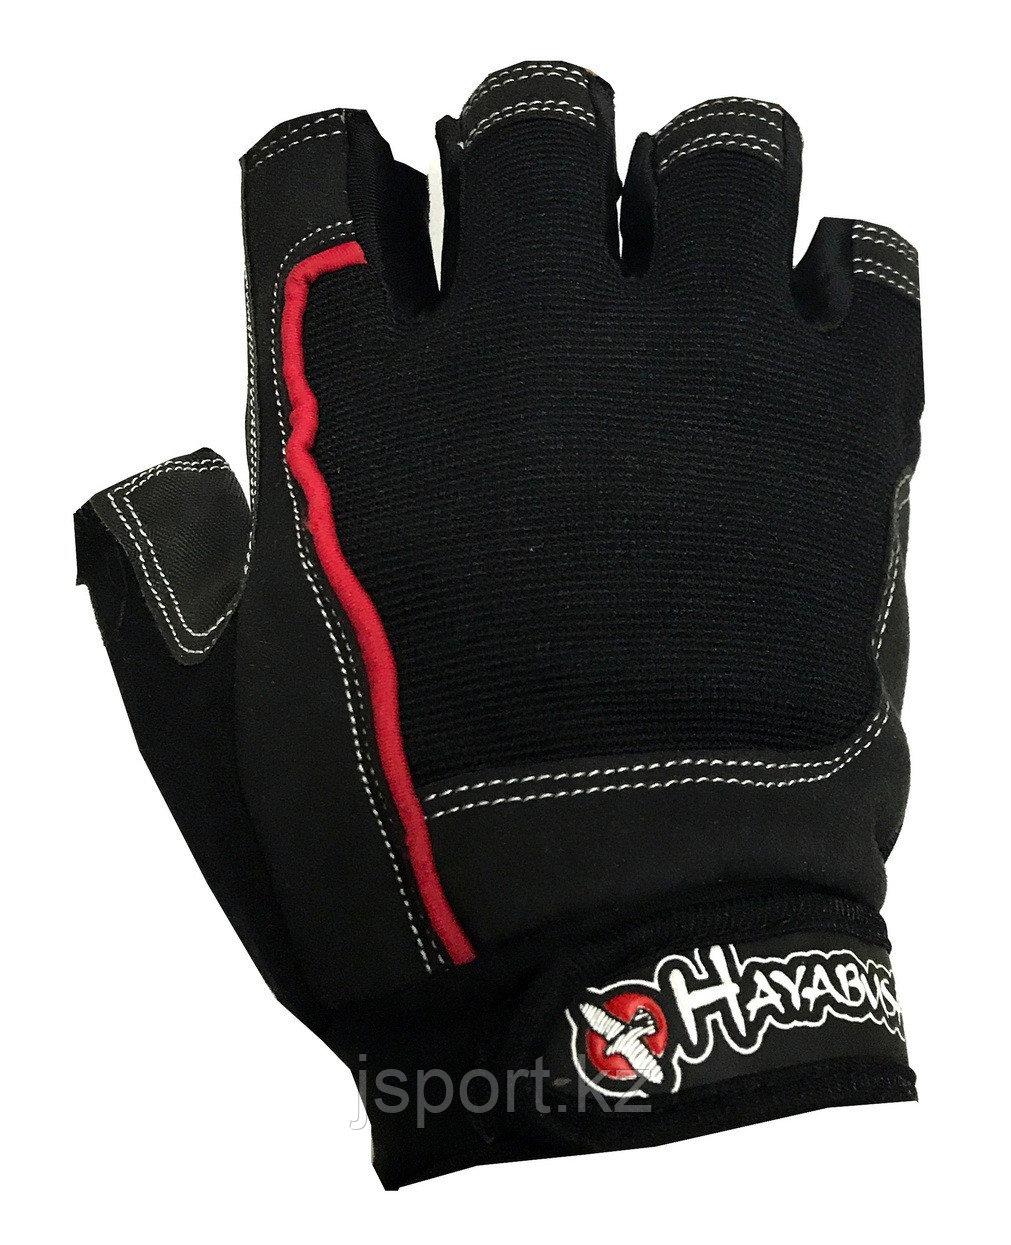 Перчатки для фитнеса Hayabusa